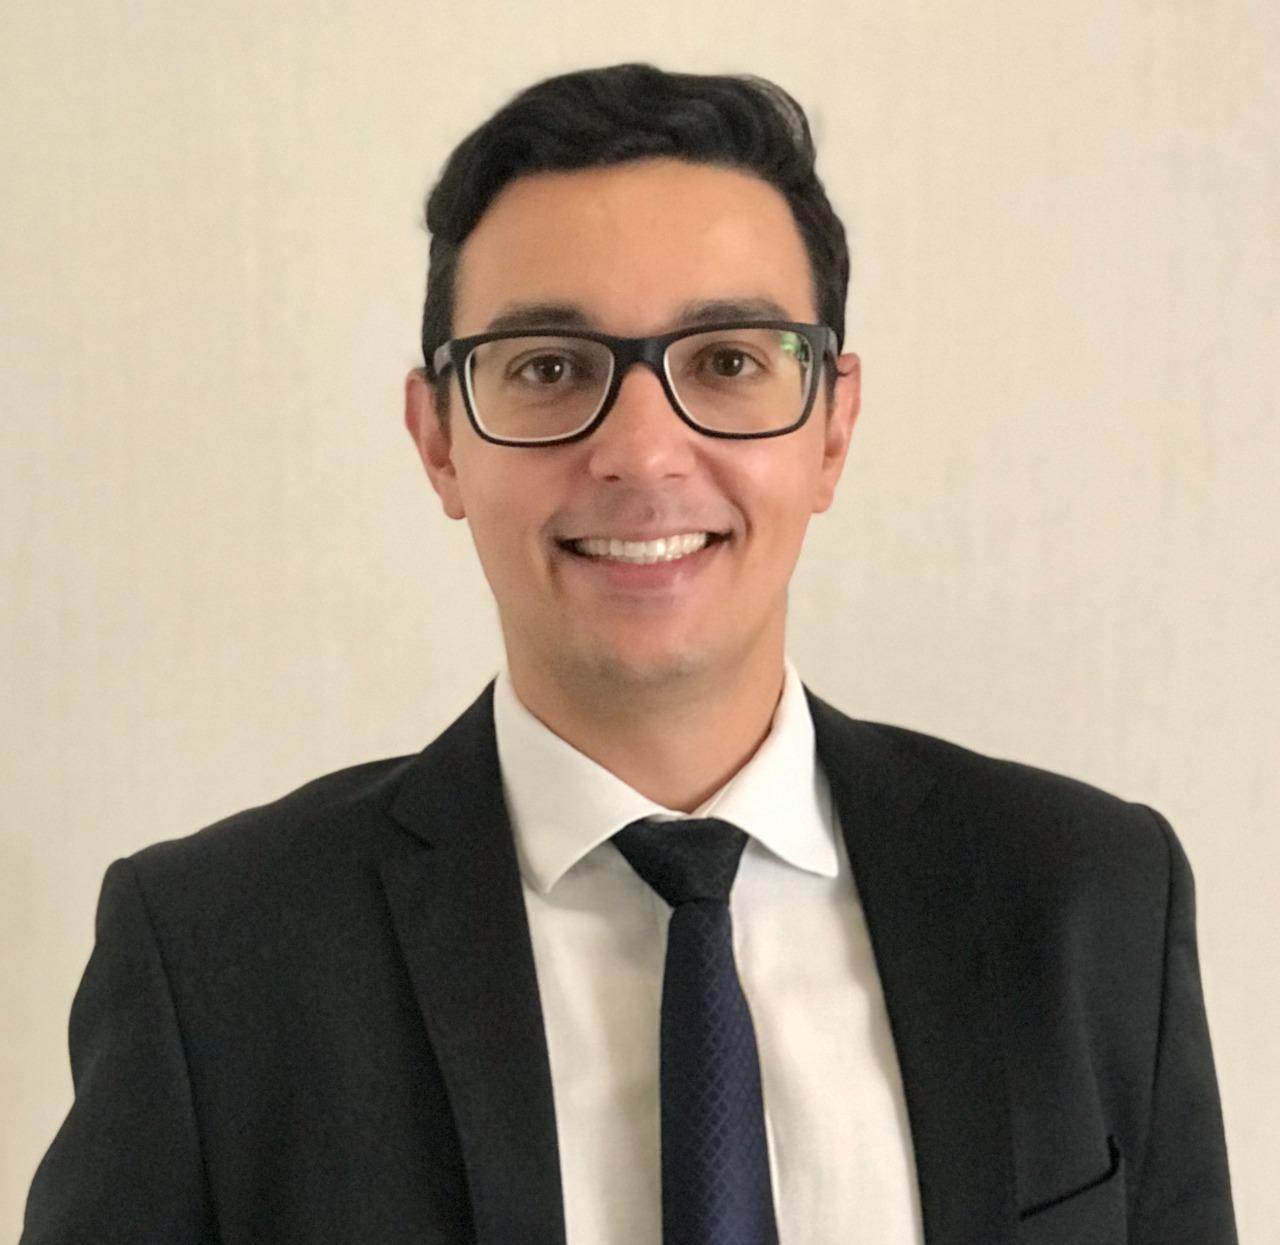 Daniel Vaz Palmeira